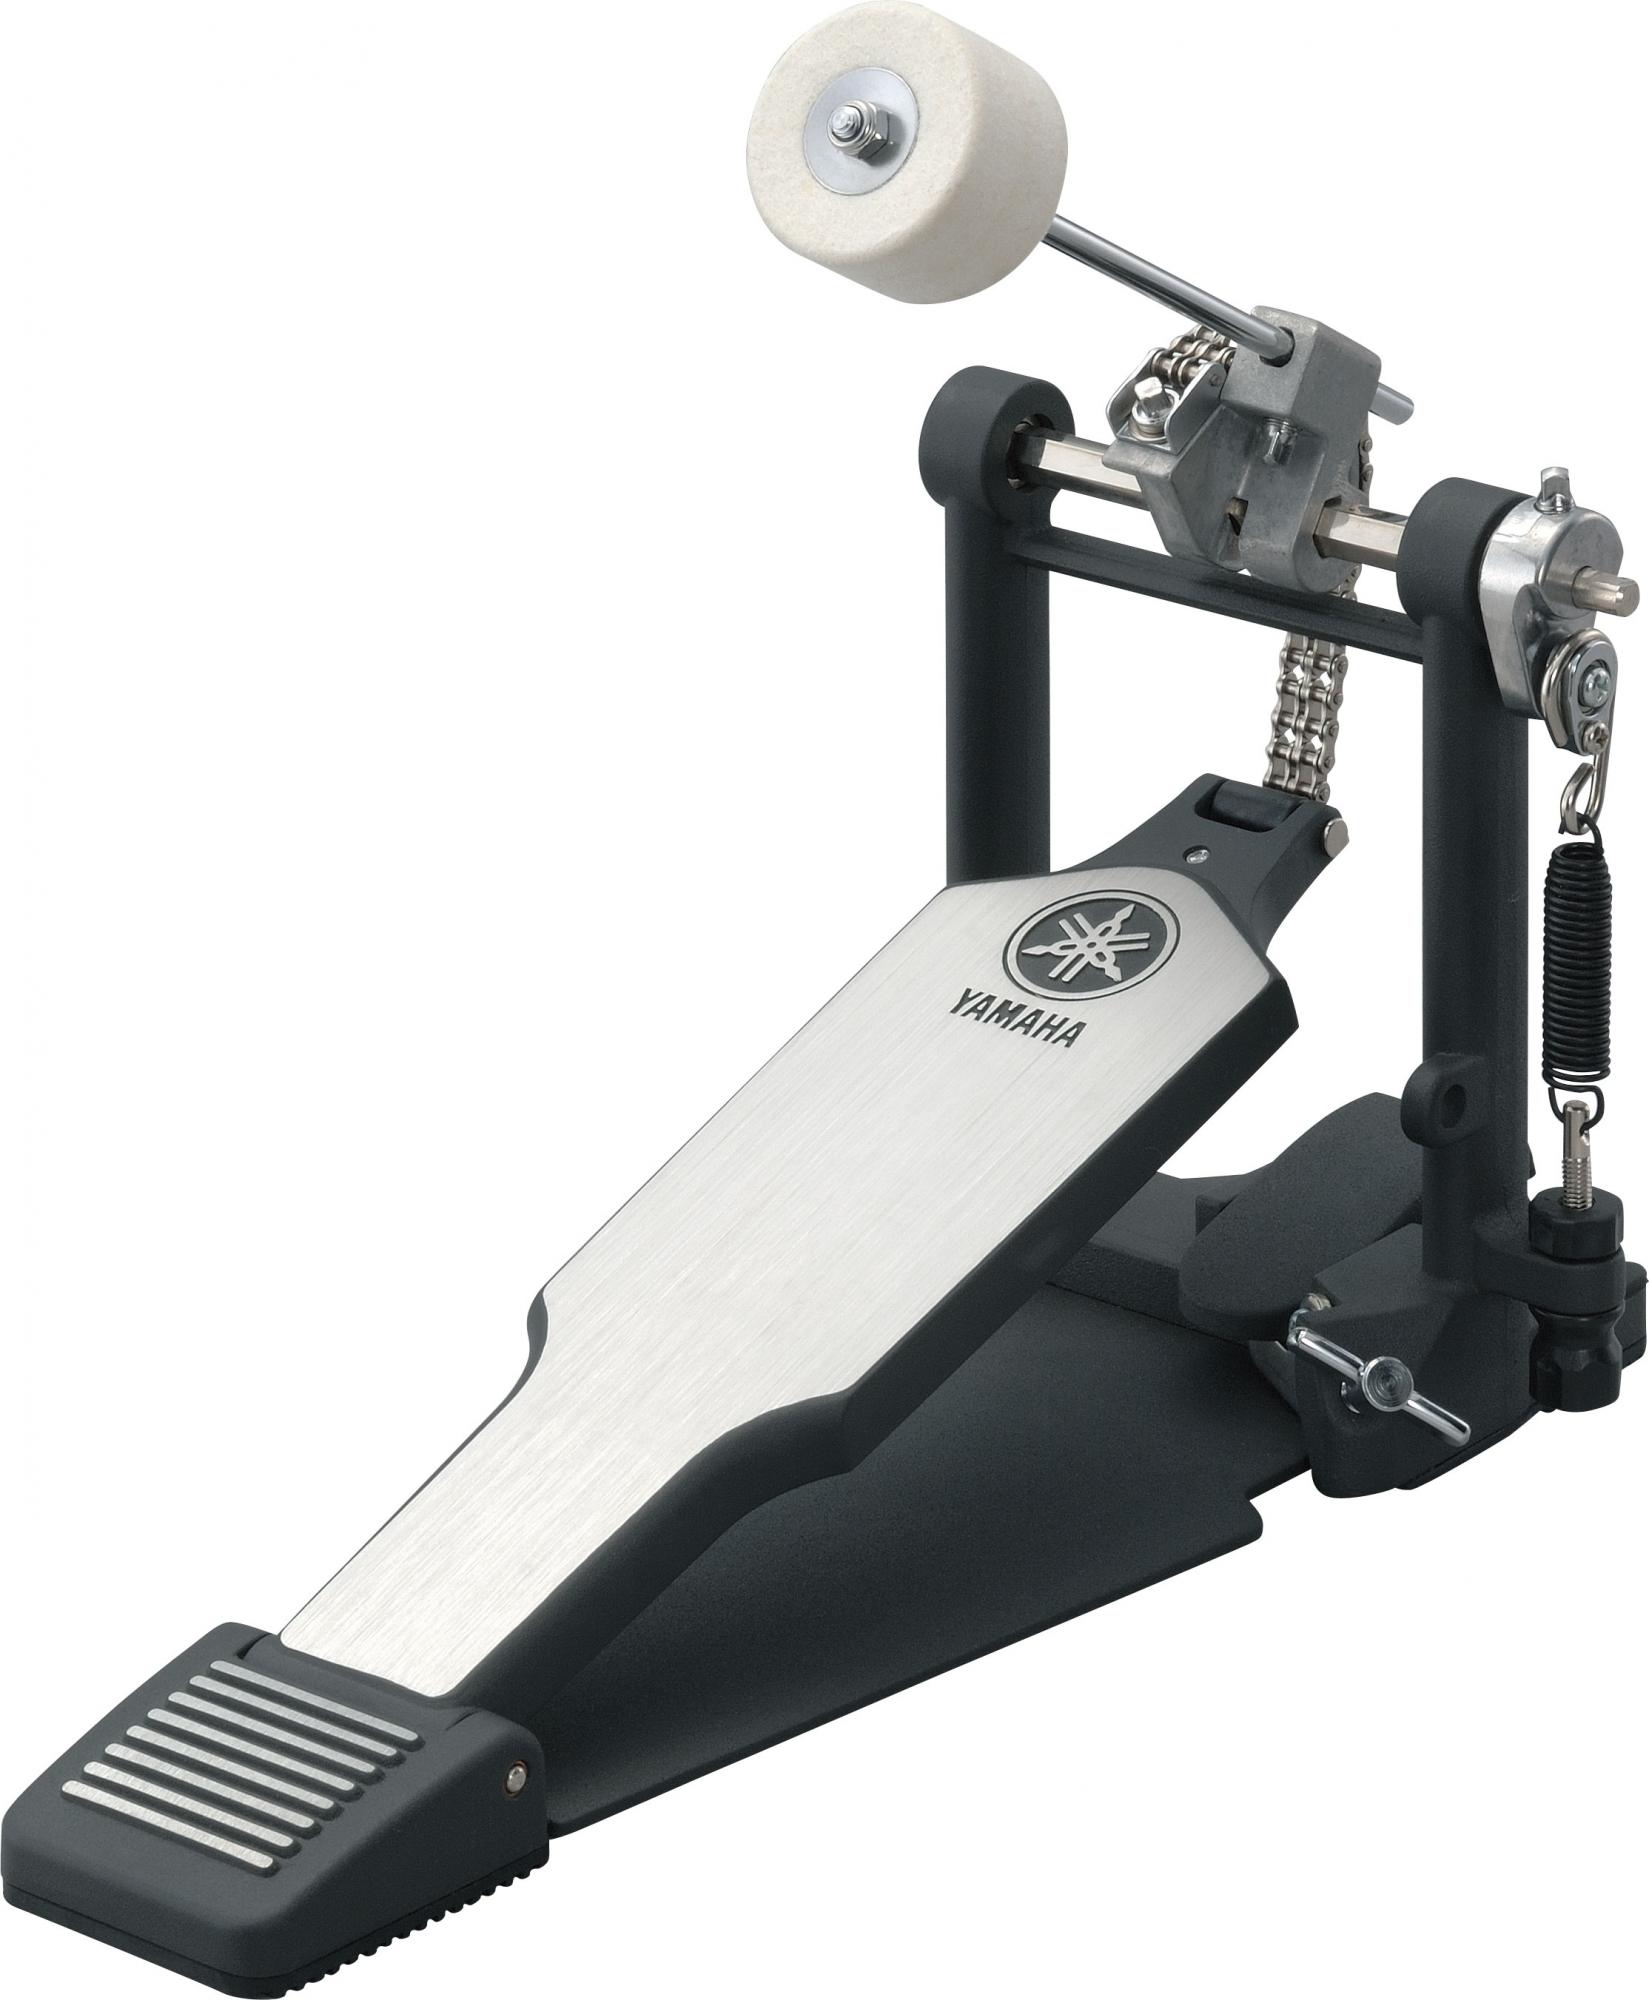 Billede af Yamaha FP8500C Stortrommepedal - DEMO